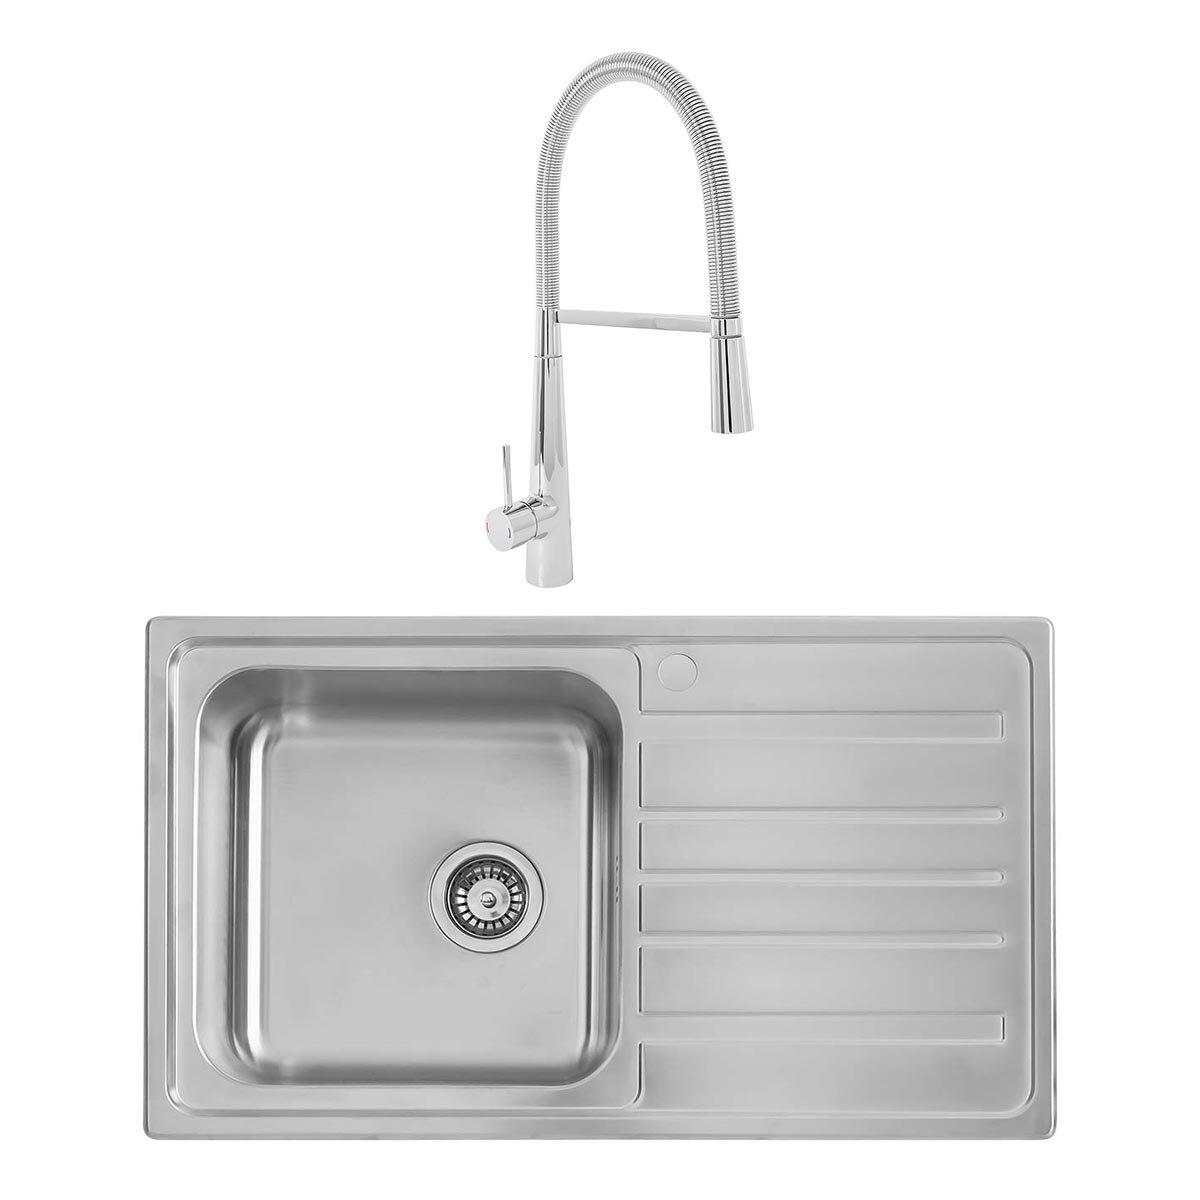 Tremendous Details About Modern Kitchen Sink 860X500Mm 1 0 Single Bowl Stainless Steel Waste Rinser Ta Download Free Architecture Designs Scobabritishbridgeorg